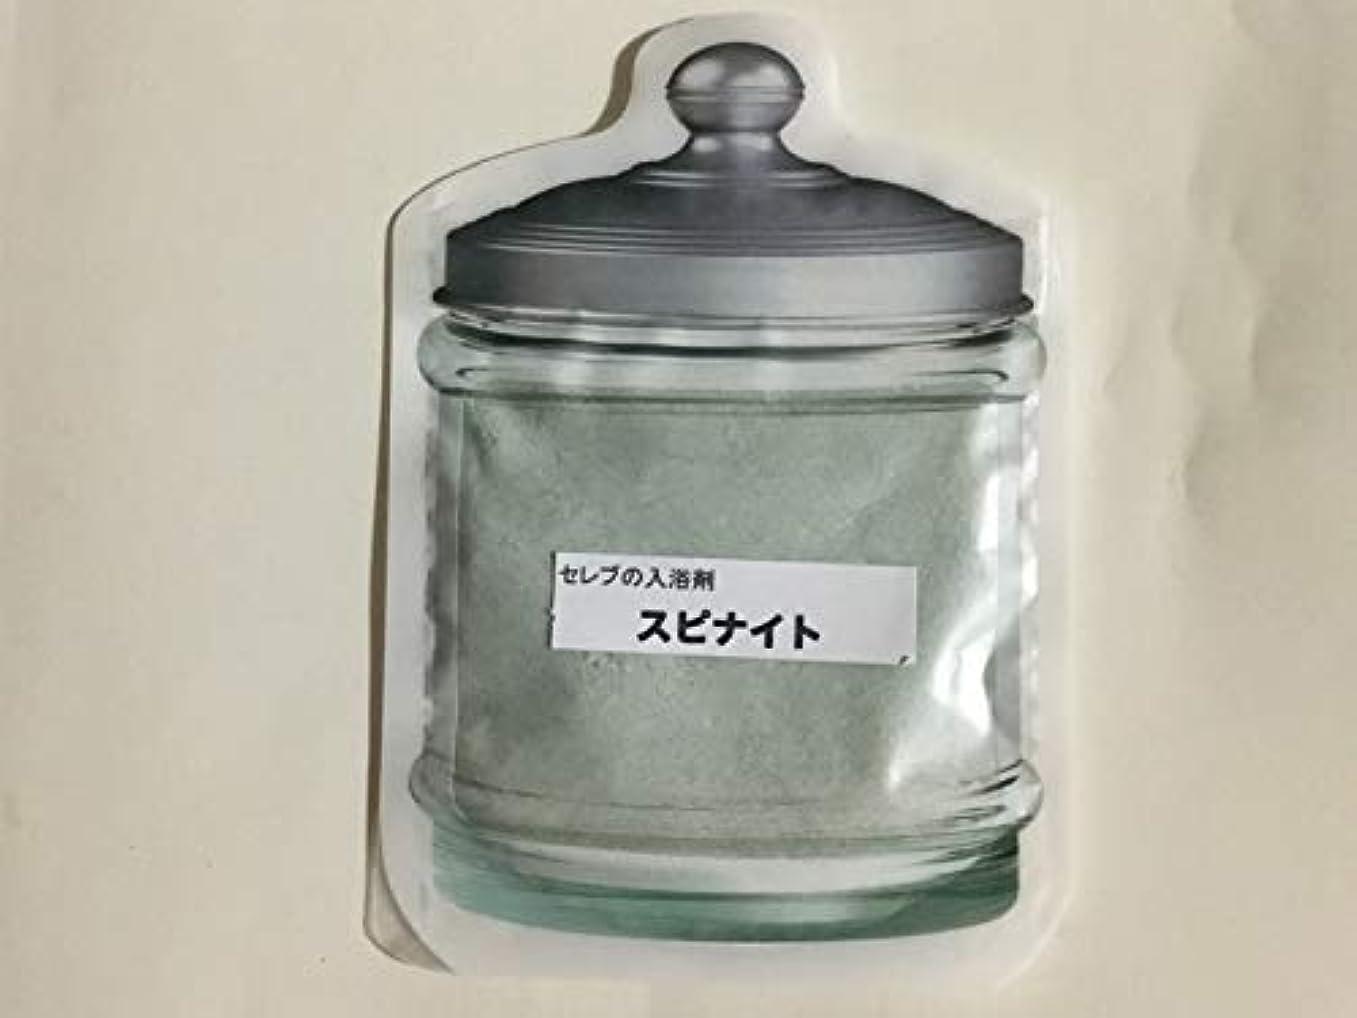 セレブの入浴剤「スピナイト」